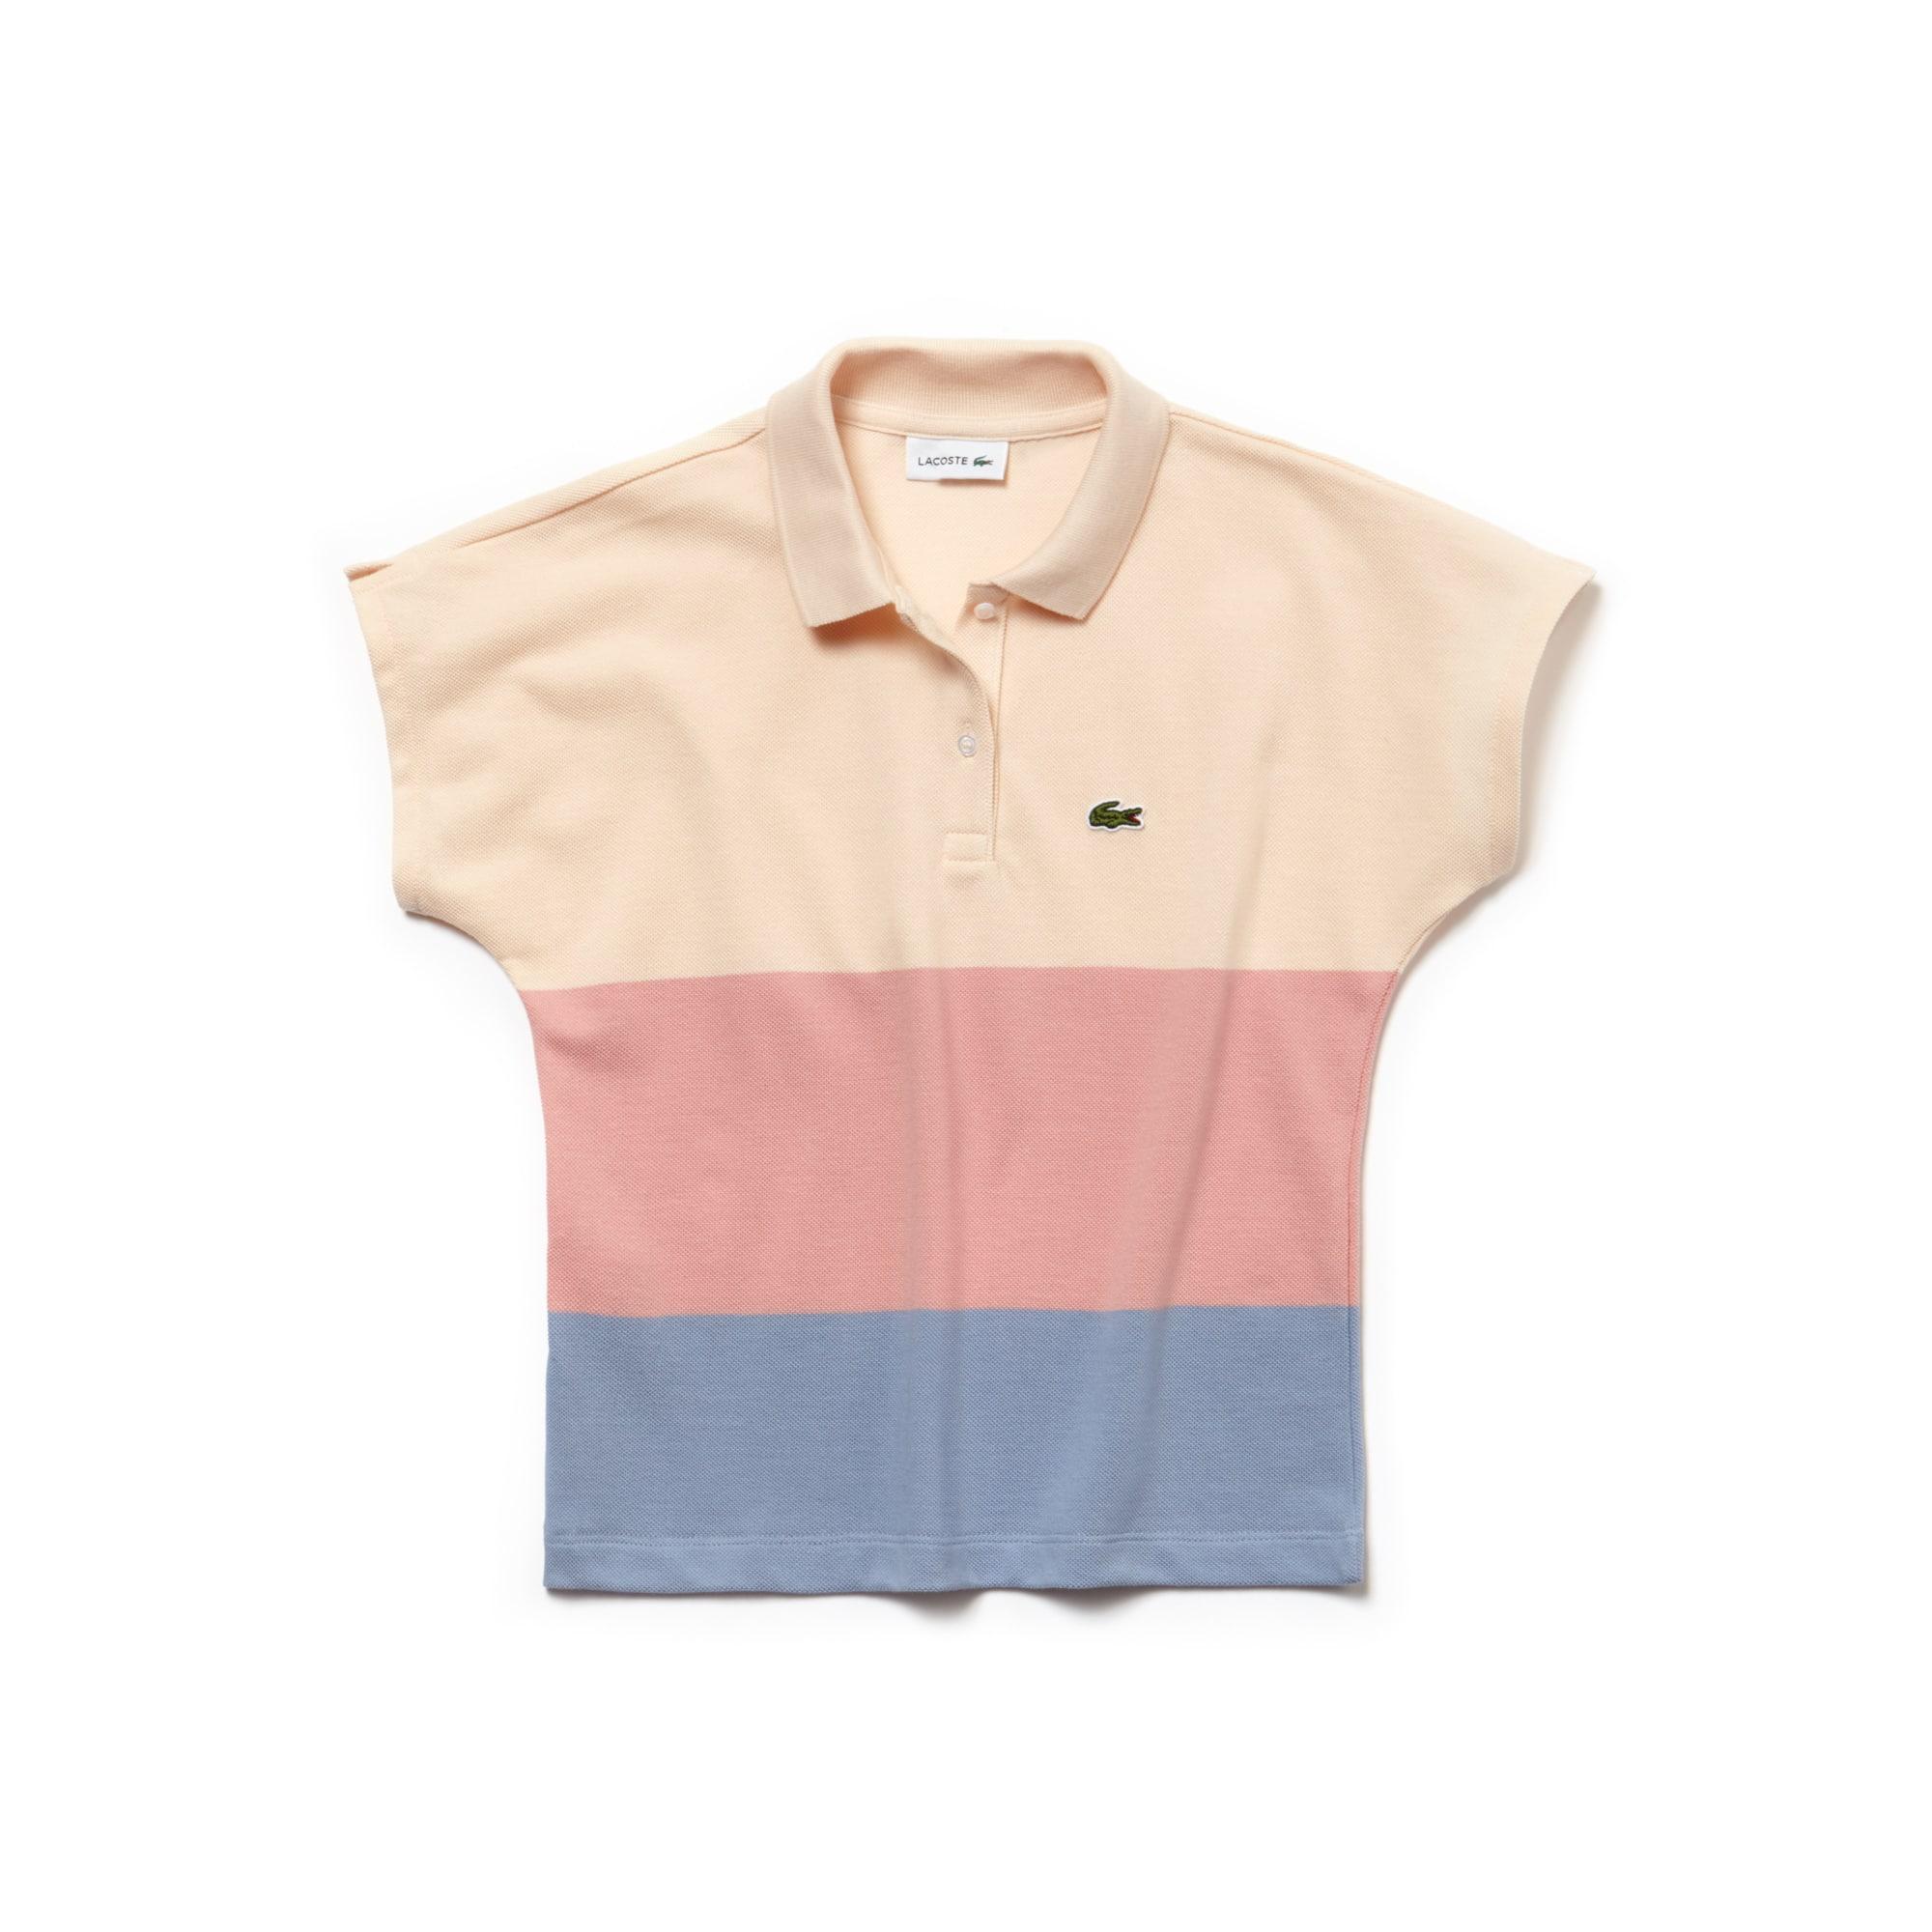 Mädchen LACOSTE Petit-Piqué Poloshirt mit Colorblocks